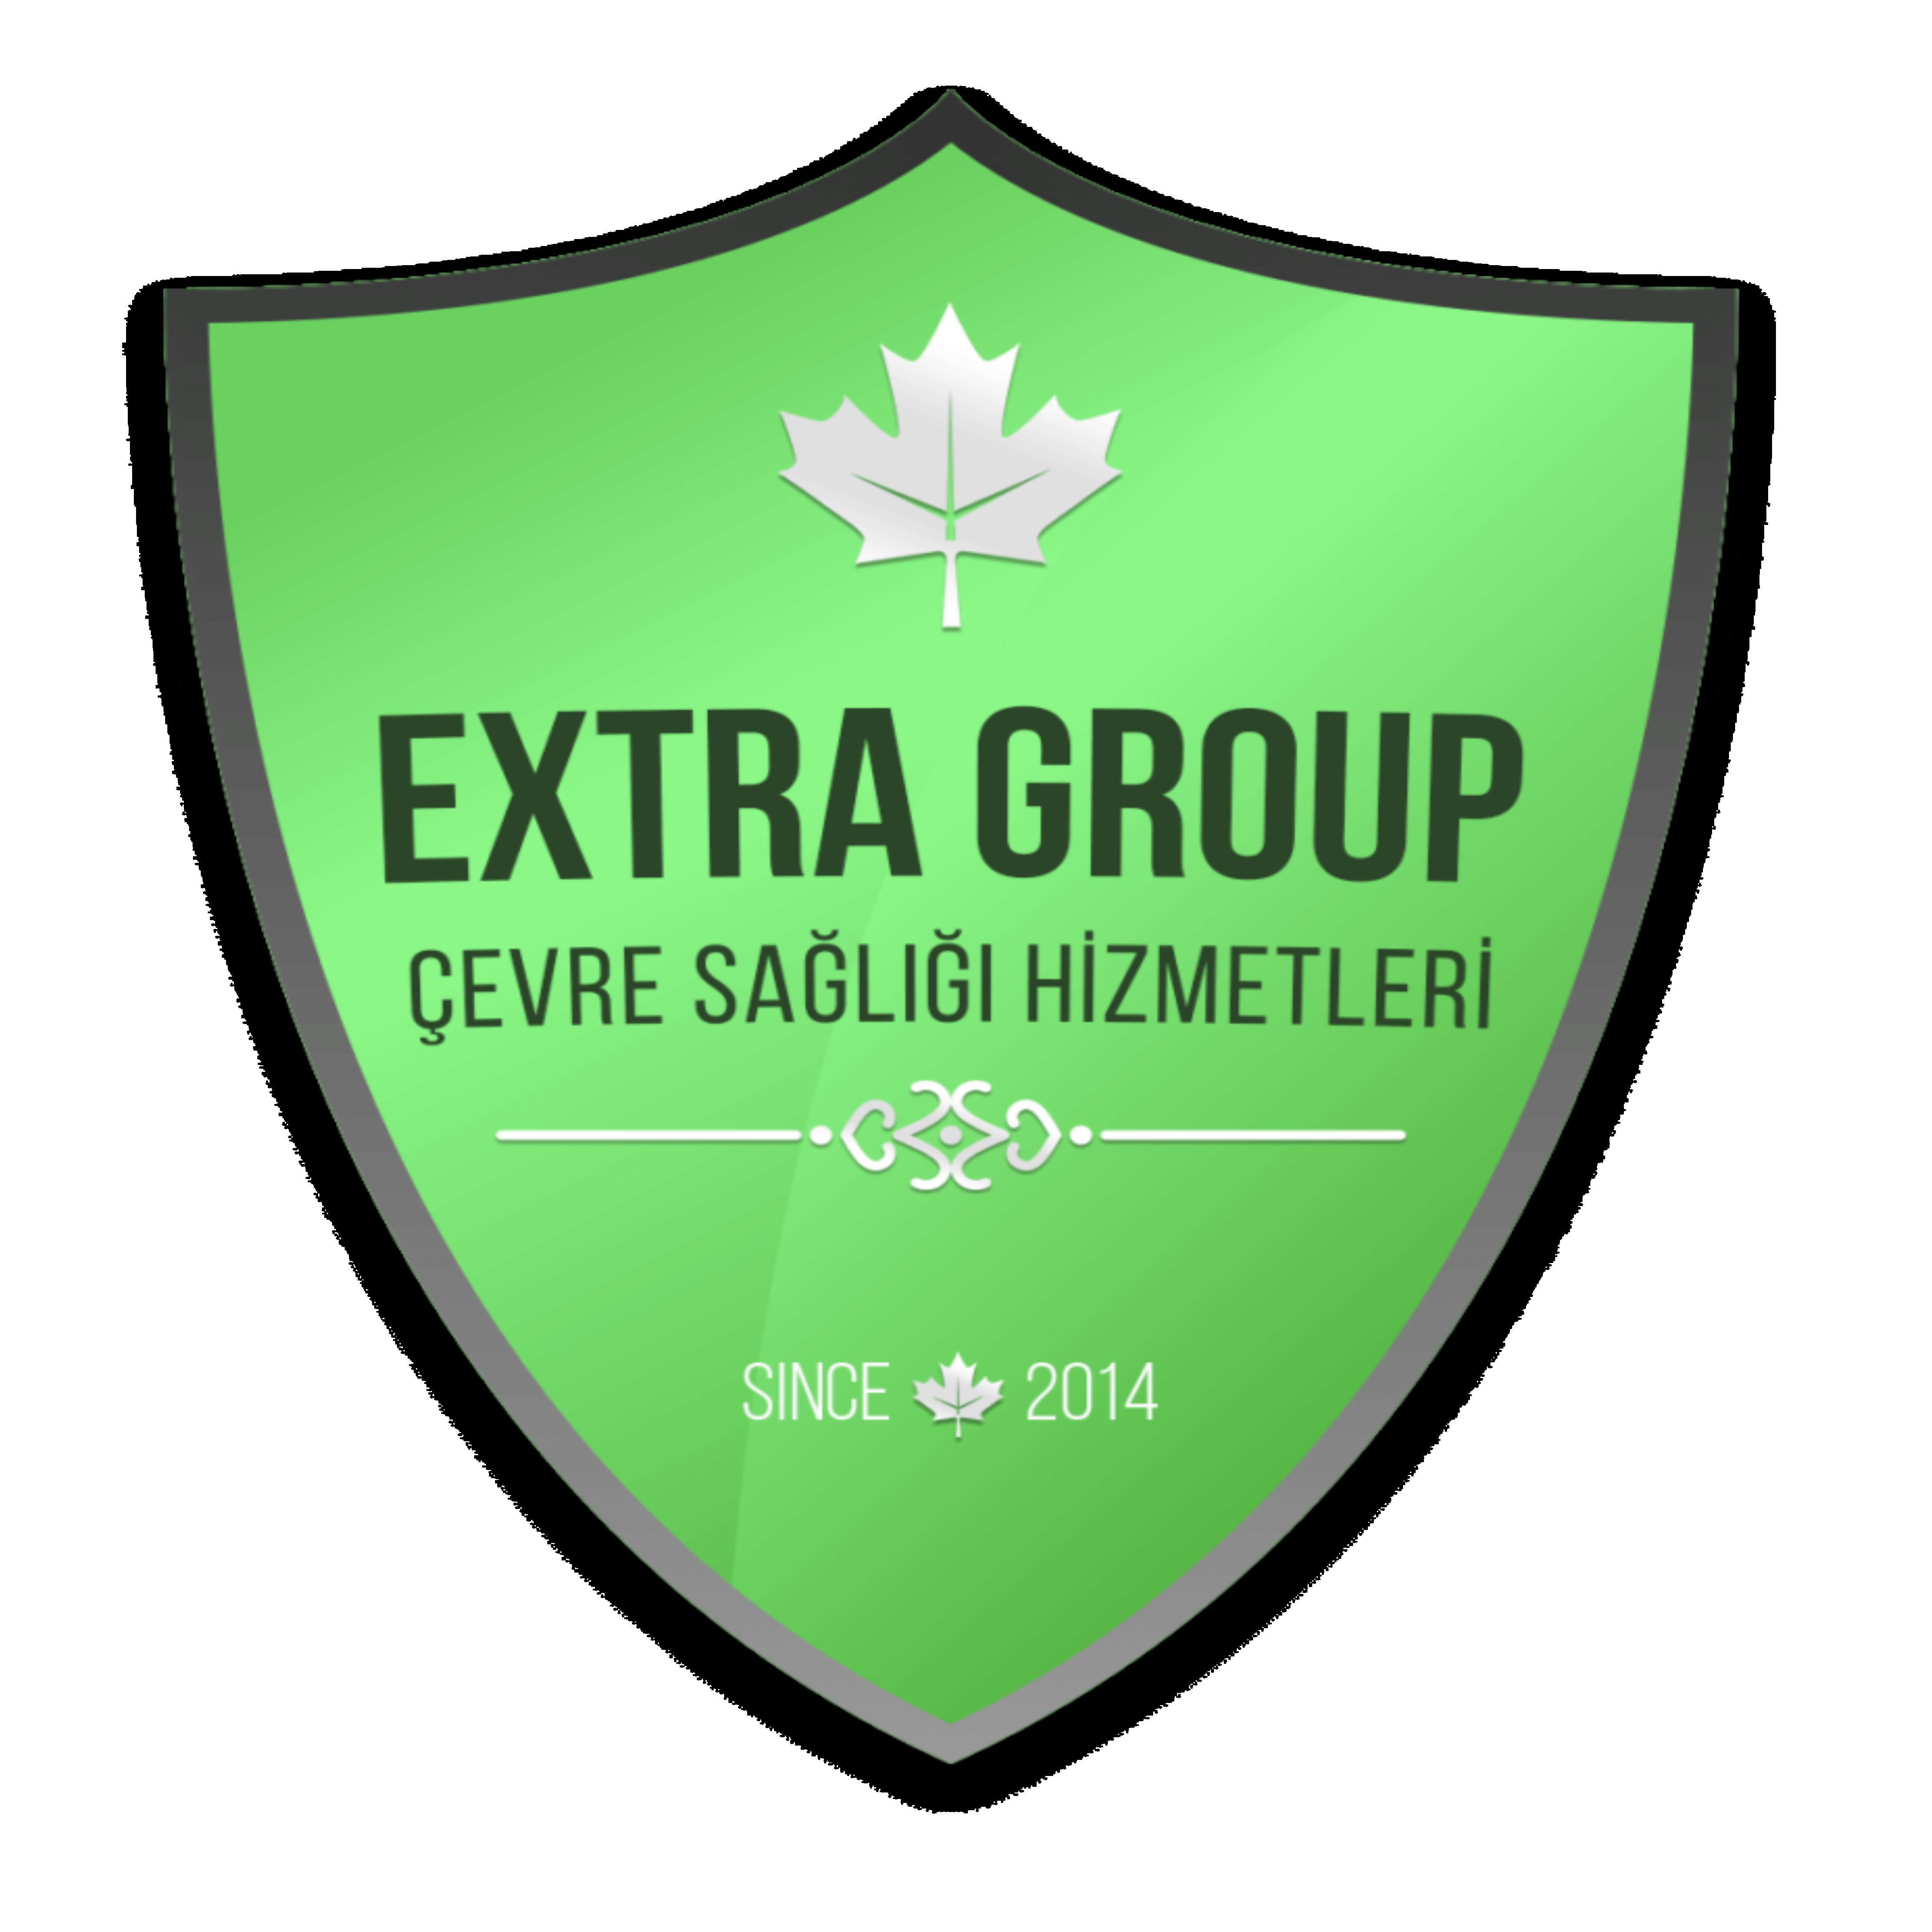 Extragrup